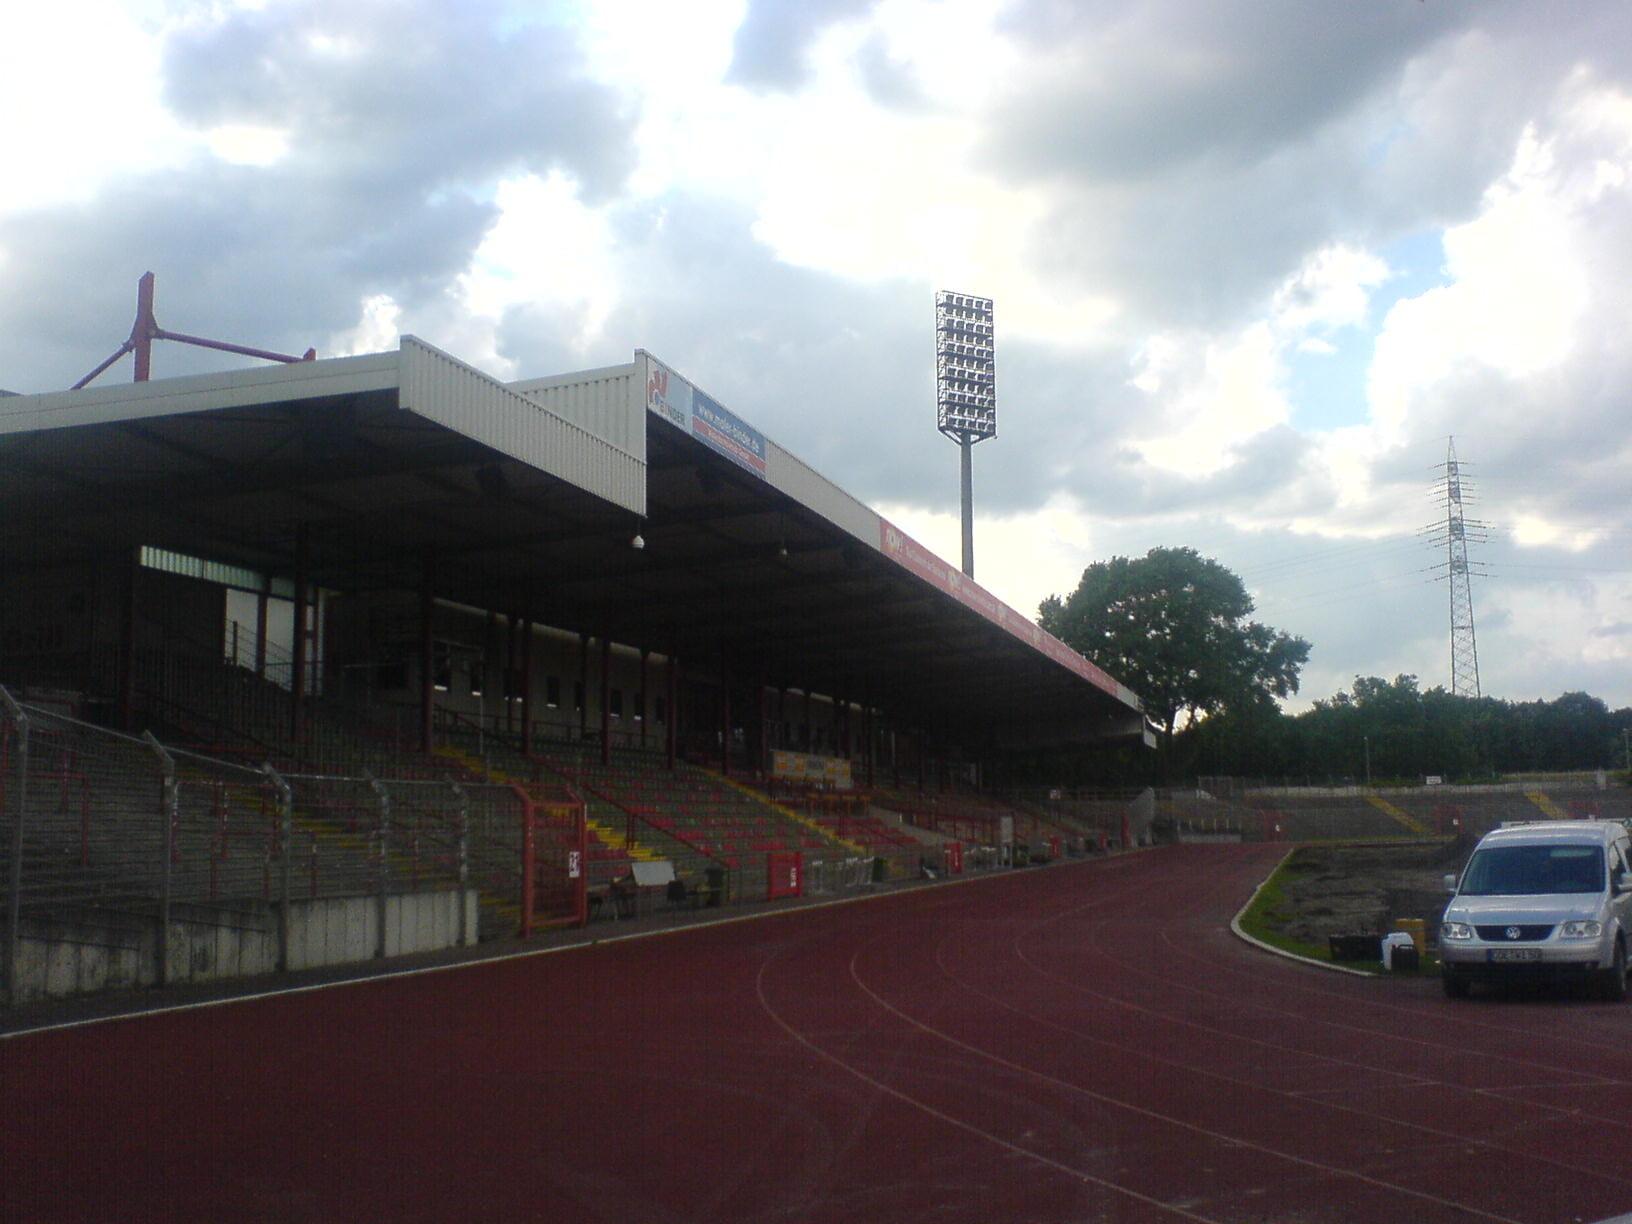 Sportwetten live im stadion